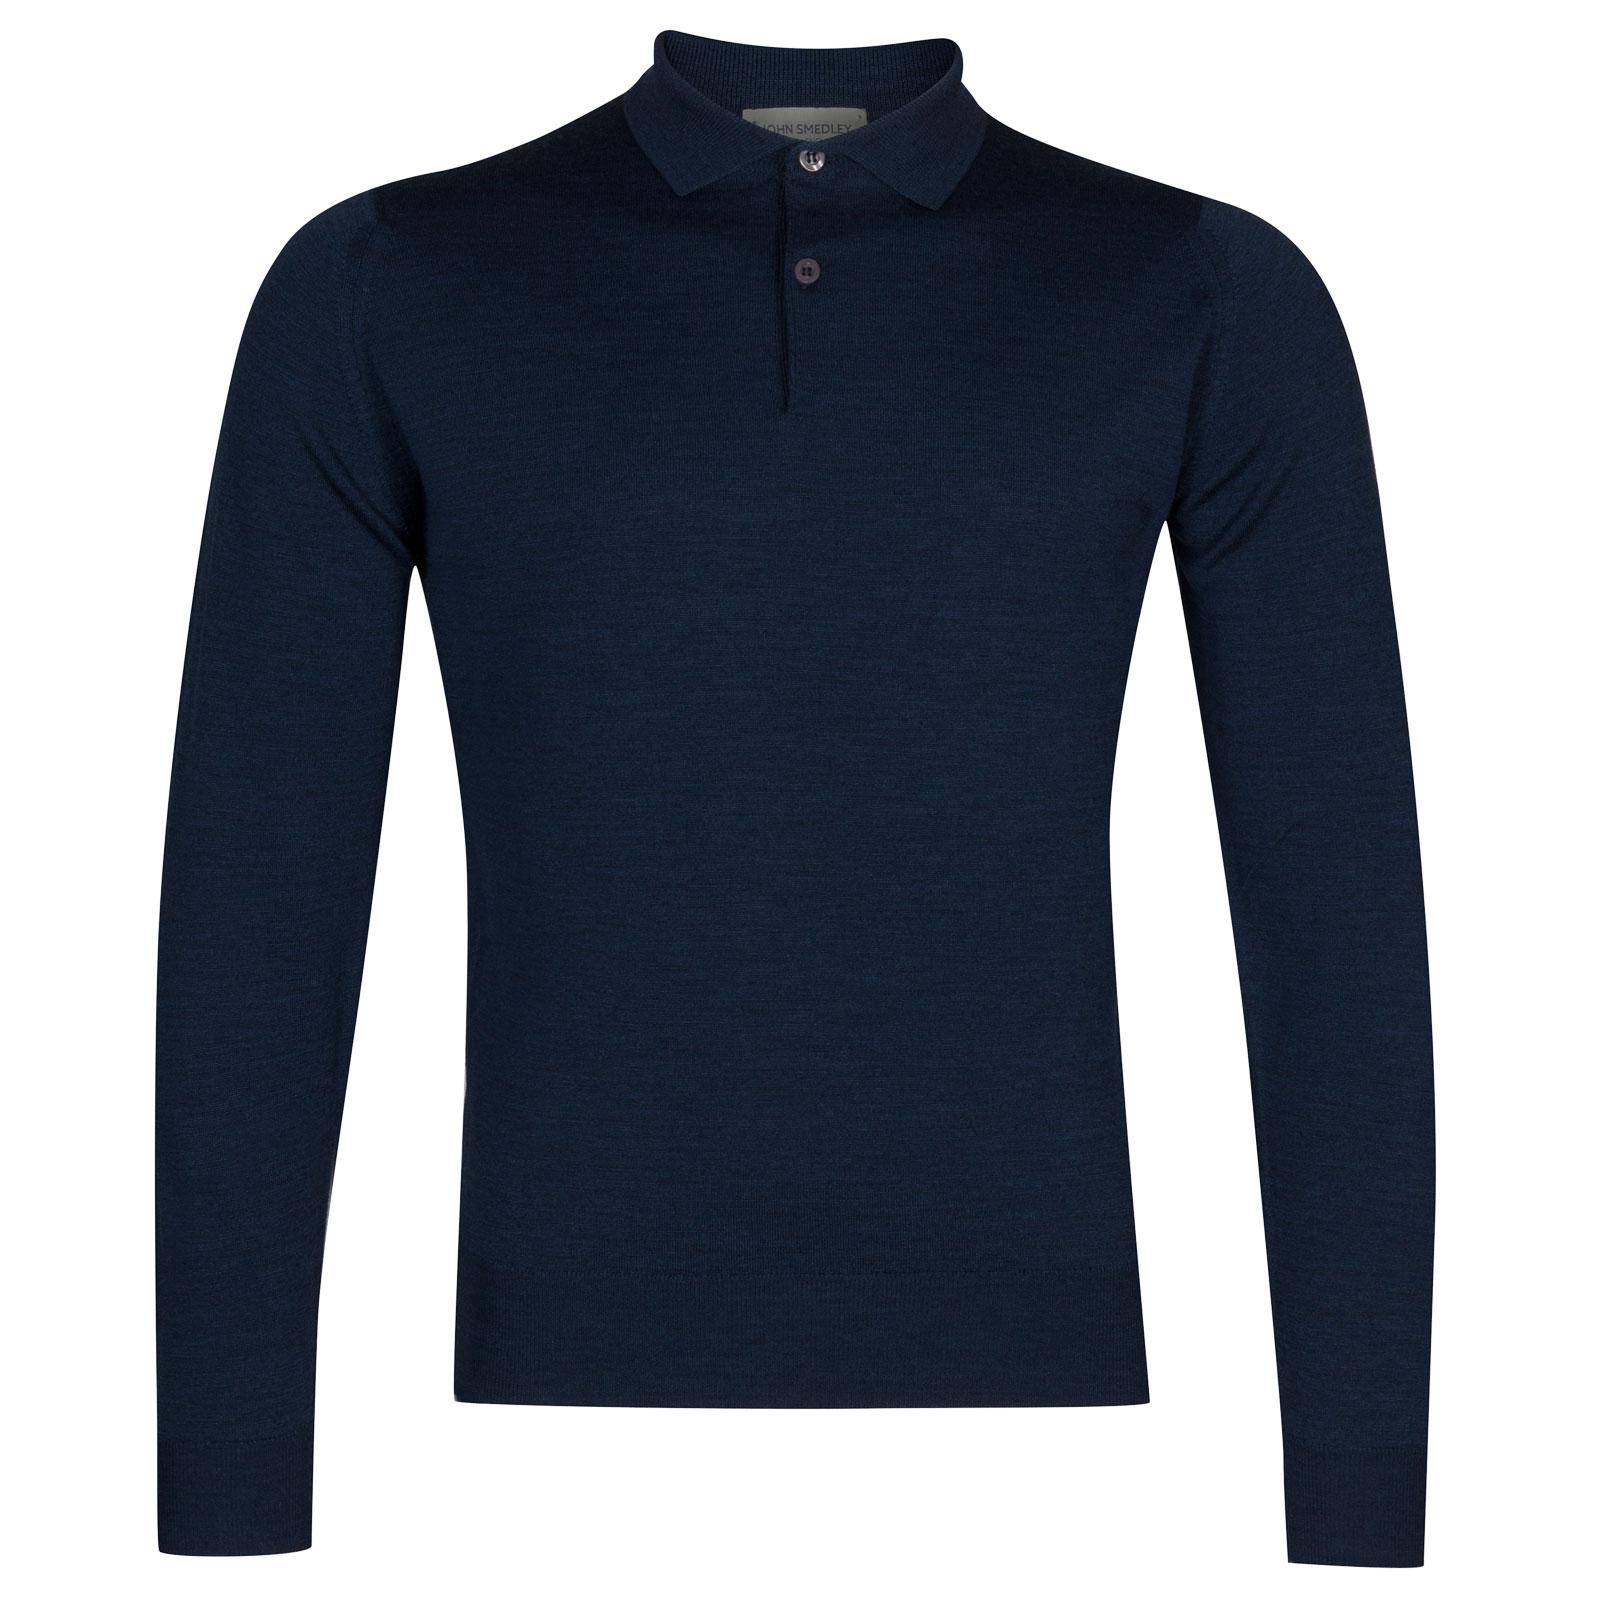 John Smedley garda Merino Wool Shirt in Indigo-S